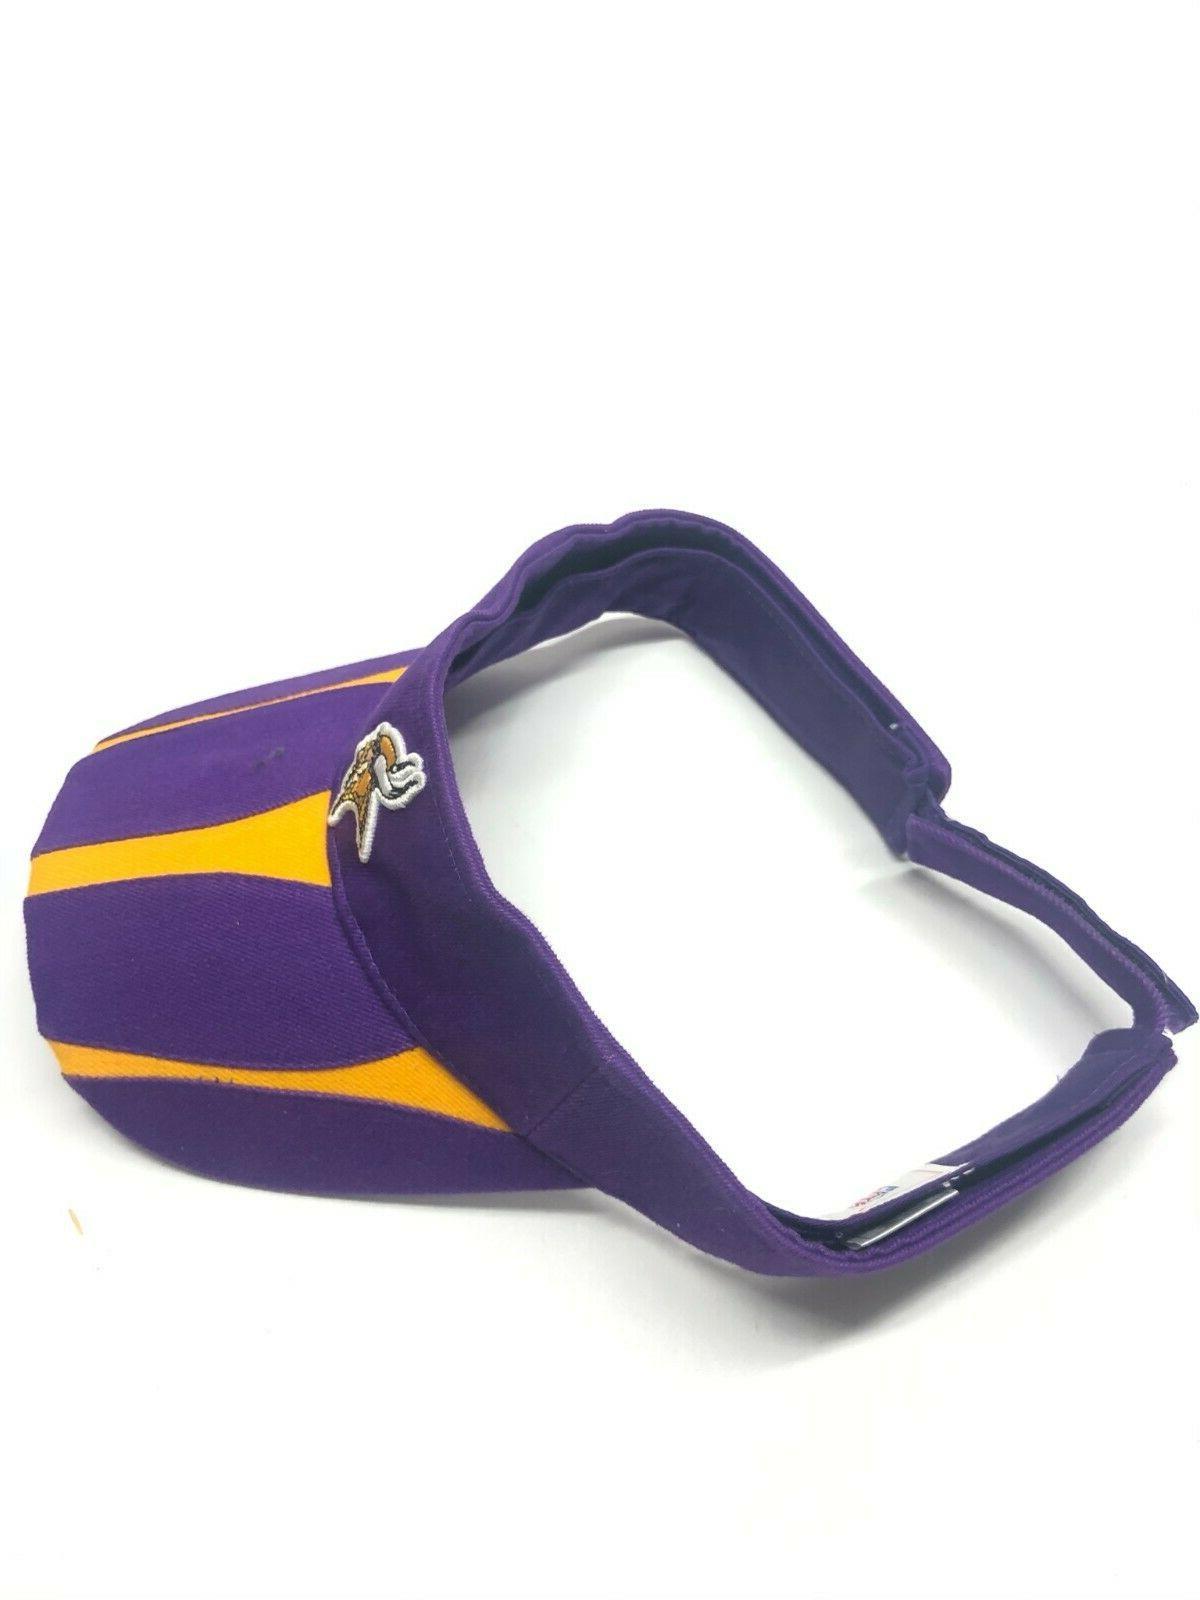 Minnesota Vikings NFL Visor